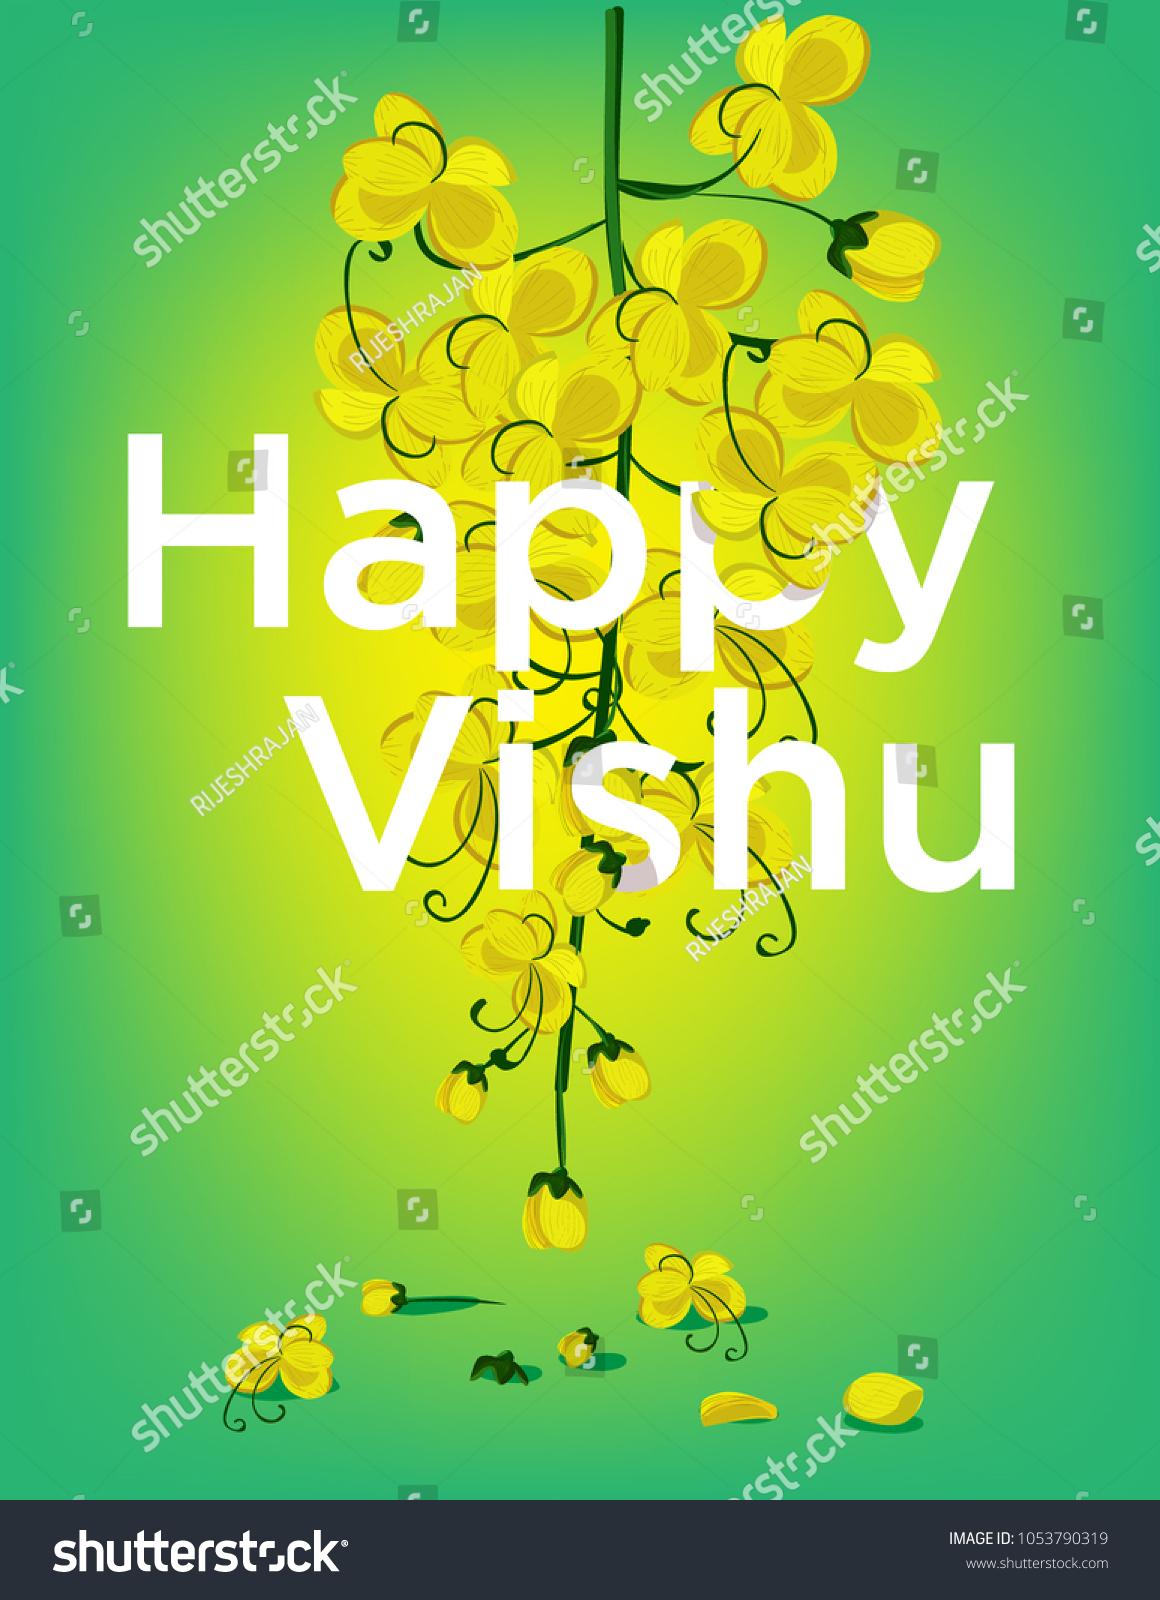 Vishu Festival Flower Stock Vector Royalty Free 1053790319